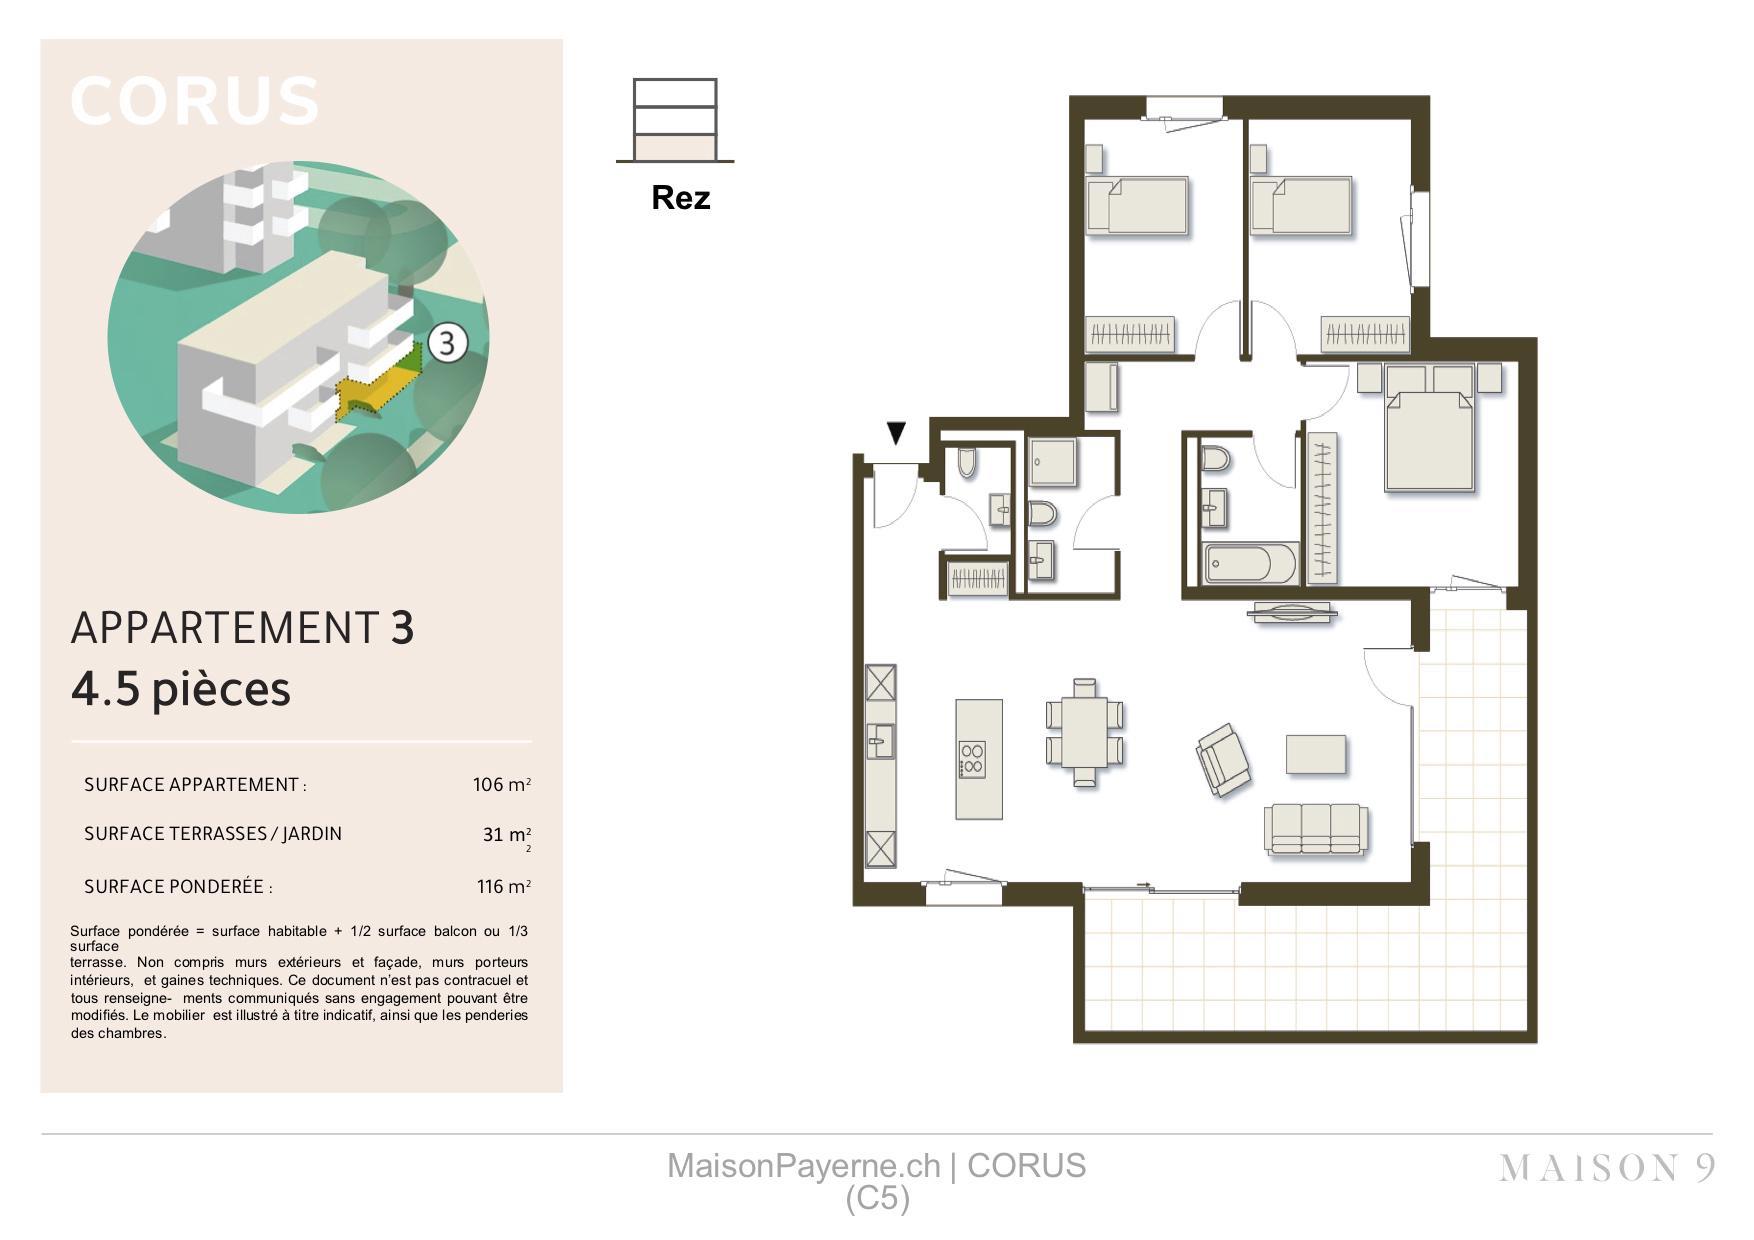 BC Immo - Appartement neuf en rez-de-chaussée - Eloigné des nuisances - 8 minutes en bus du centre - C5-03